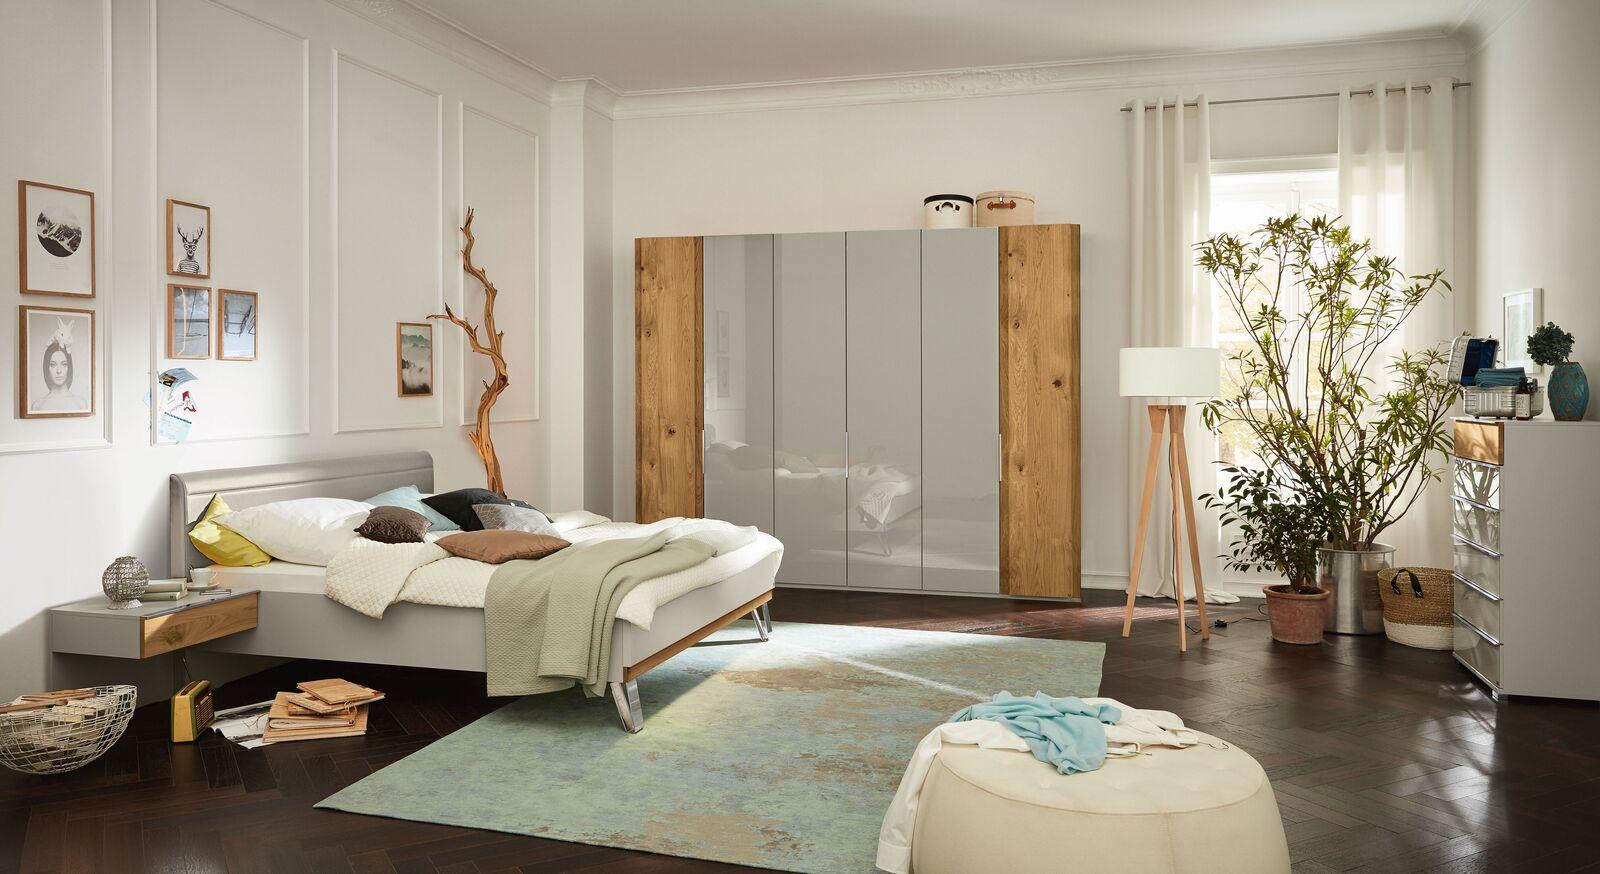 MUSTERRING Schlafzimmer Saphira kieselgrau mit Bett Kleiderschrank und Nachttisch